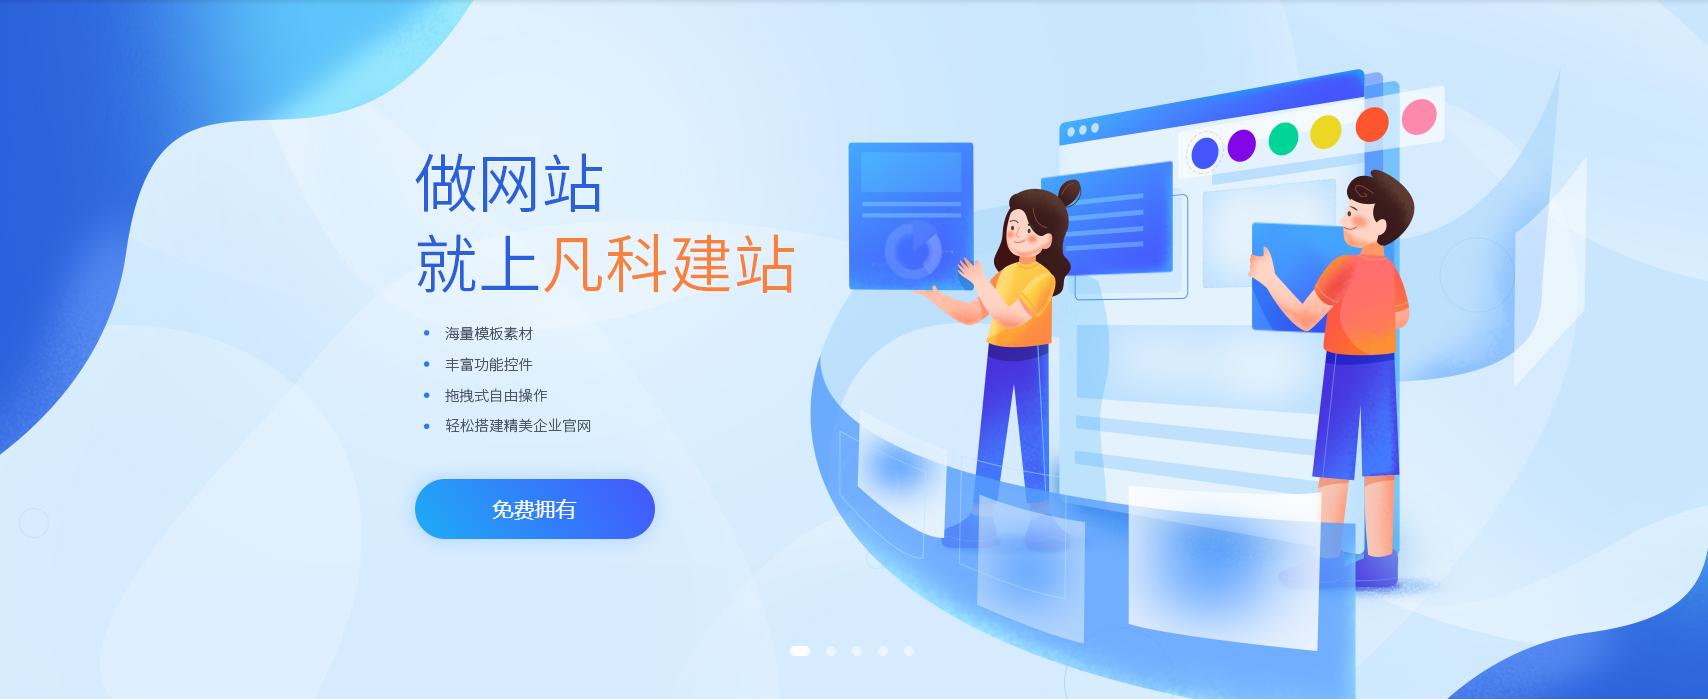 网站背景设计